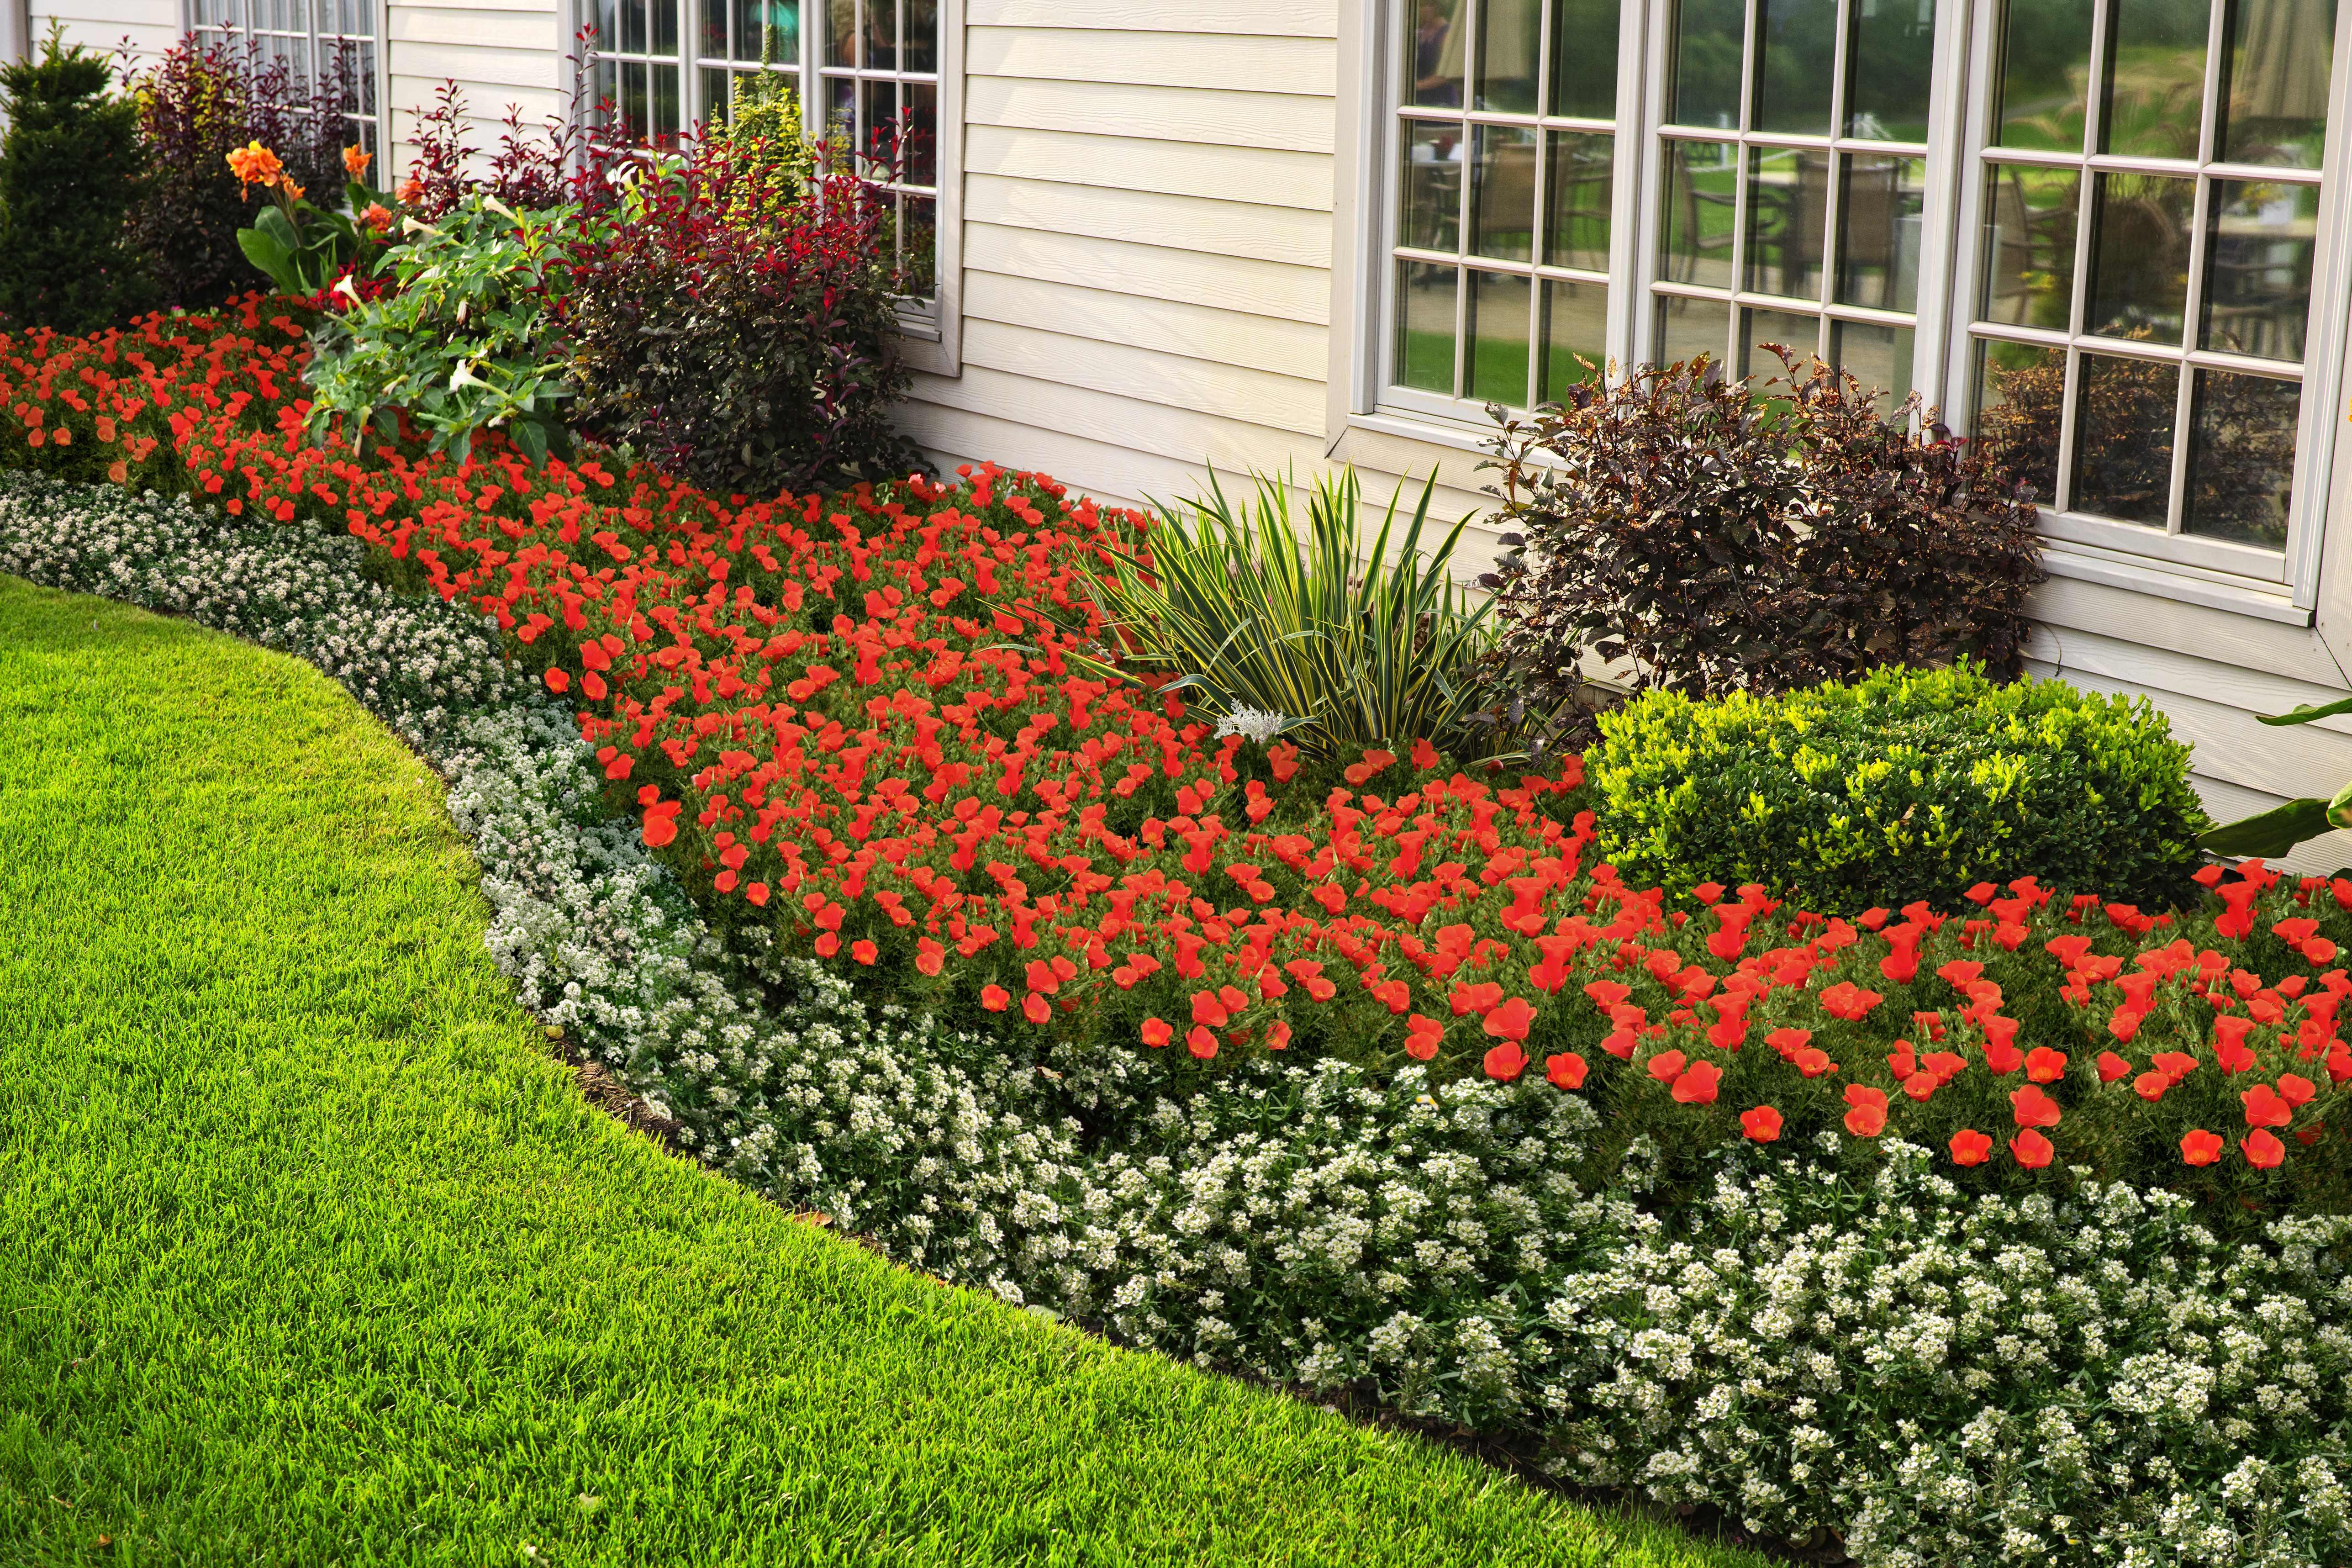 New Gardening Innovation Easily Creates Flowering Living